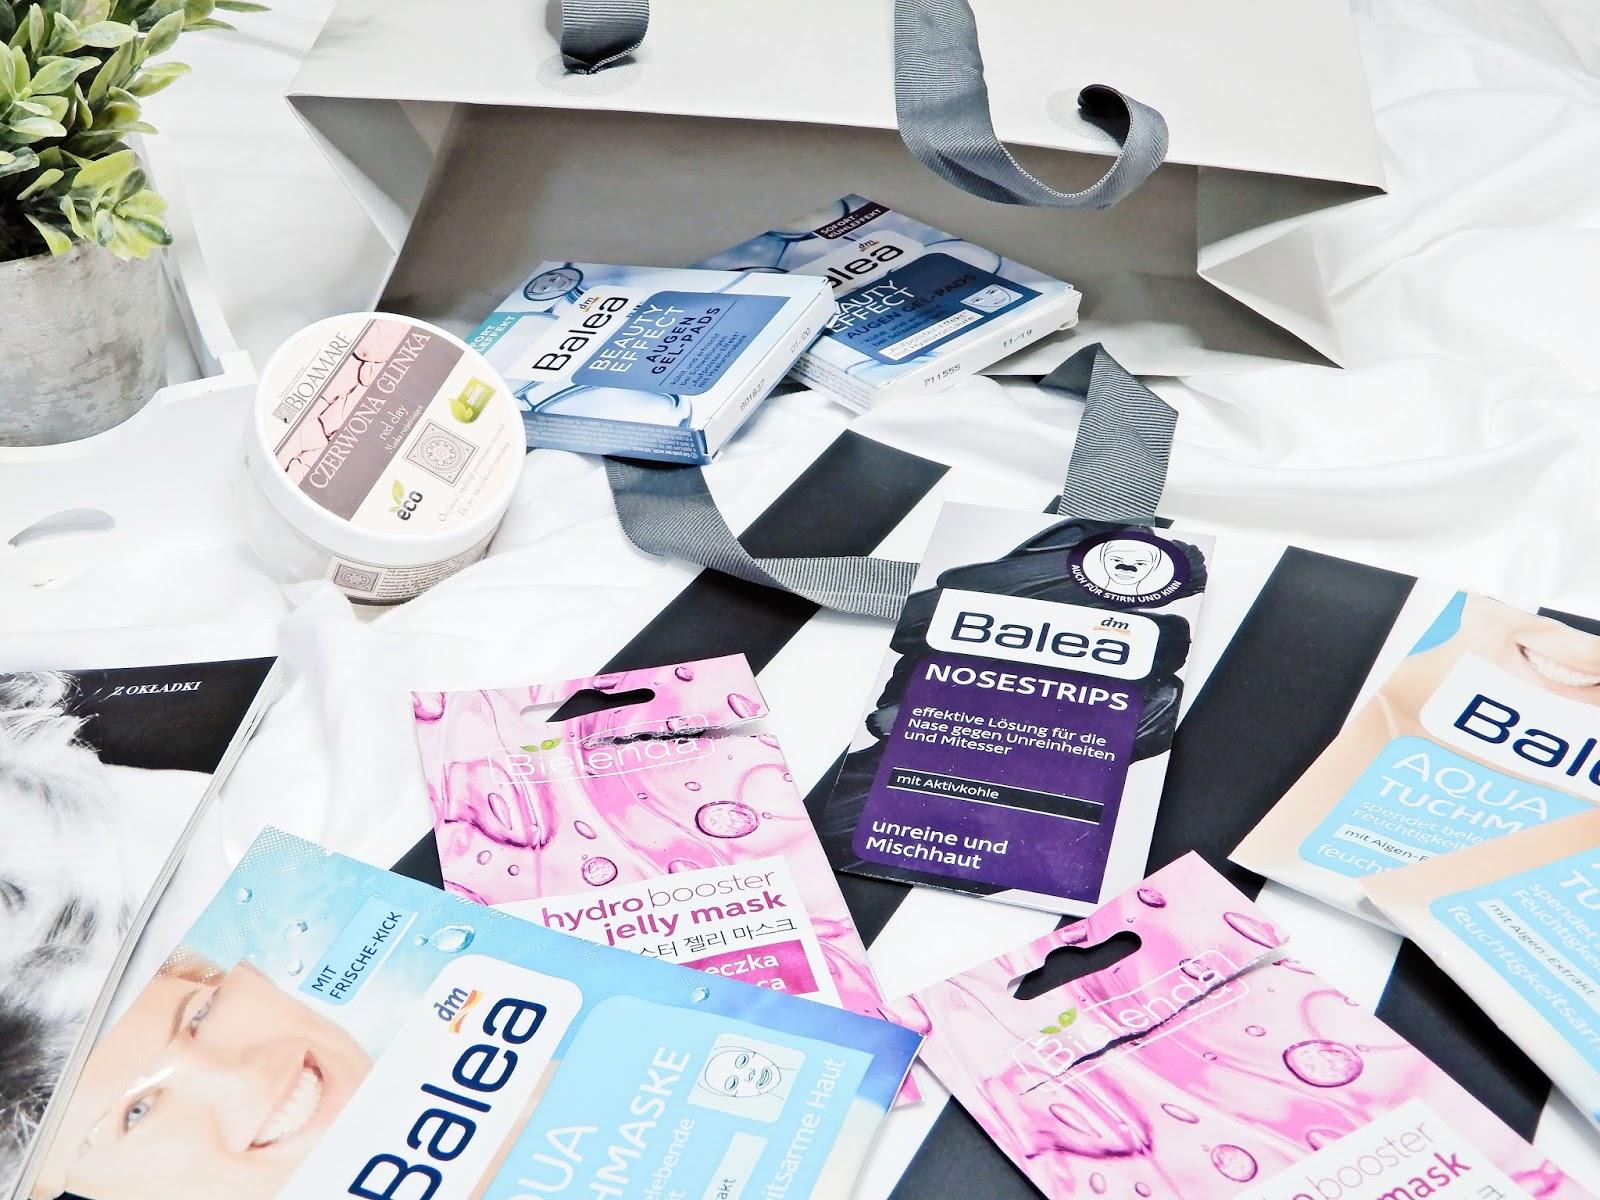 Bioamare czerwona glinka, Balea Beauty Effect Augen Gel-Pads, Balea Nosestrips mit Aktivkohle, Balea Aqua Tuchmaske, Bielenda Hydro Booster Jelly Mask,